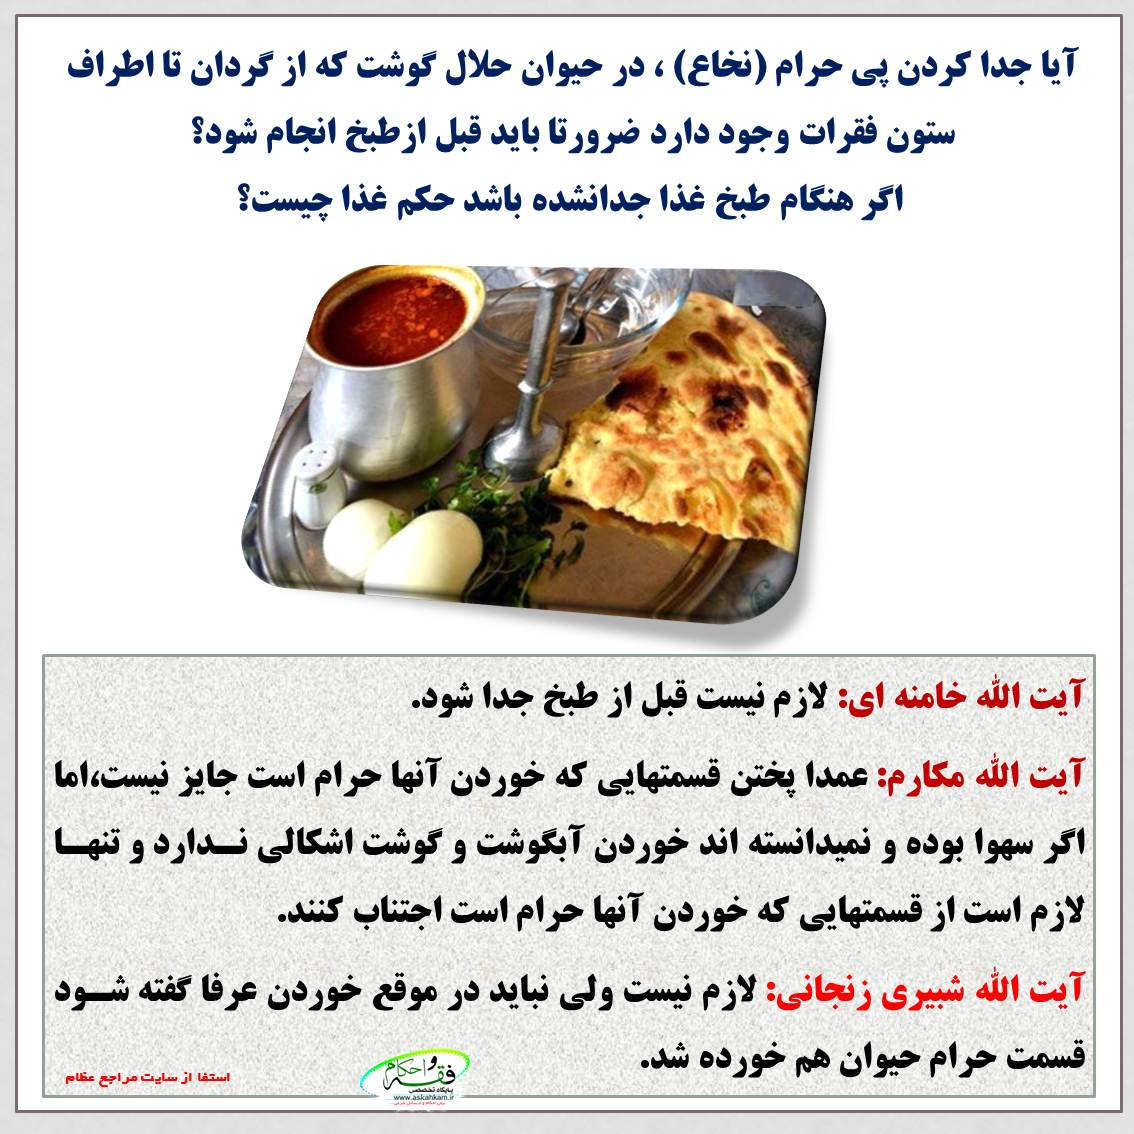 آیا جدا کردن پی حرام (نخاع) ، در حیوان حلال گوشت که از گردان تا اطراف ستون فقرات وجود دارد ضرورتا باید قبل ازطبخ انجام شود؟